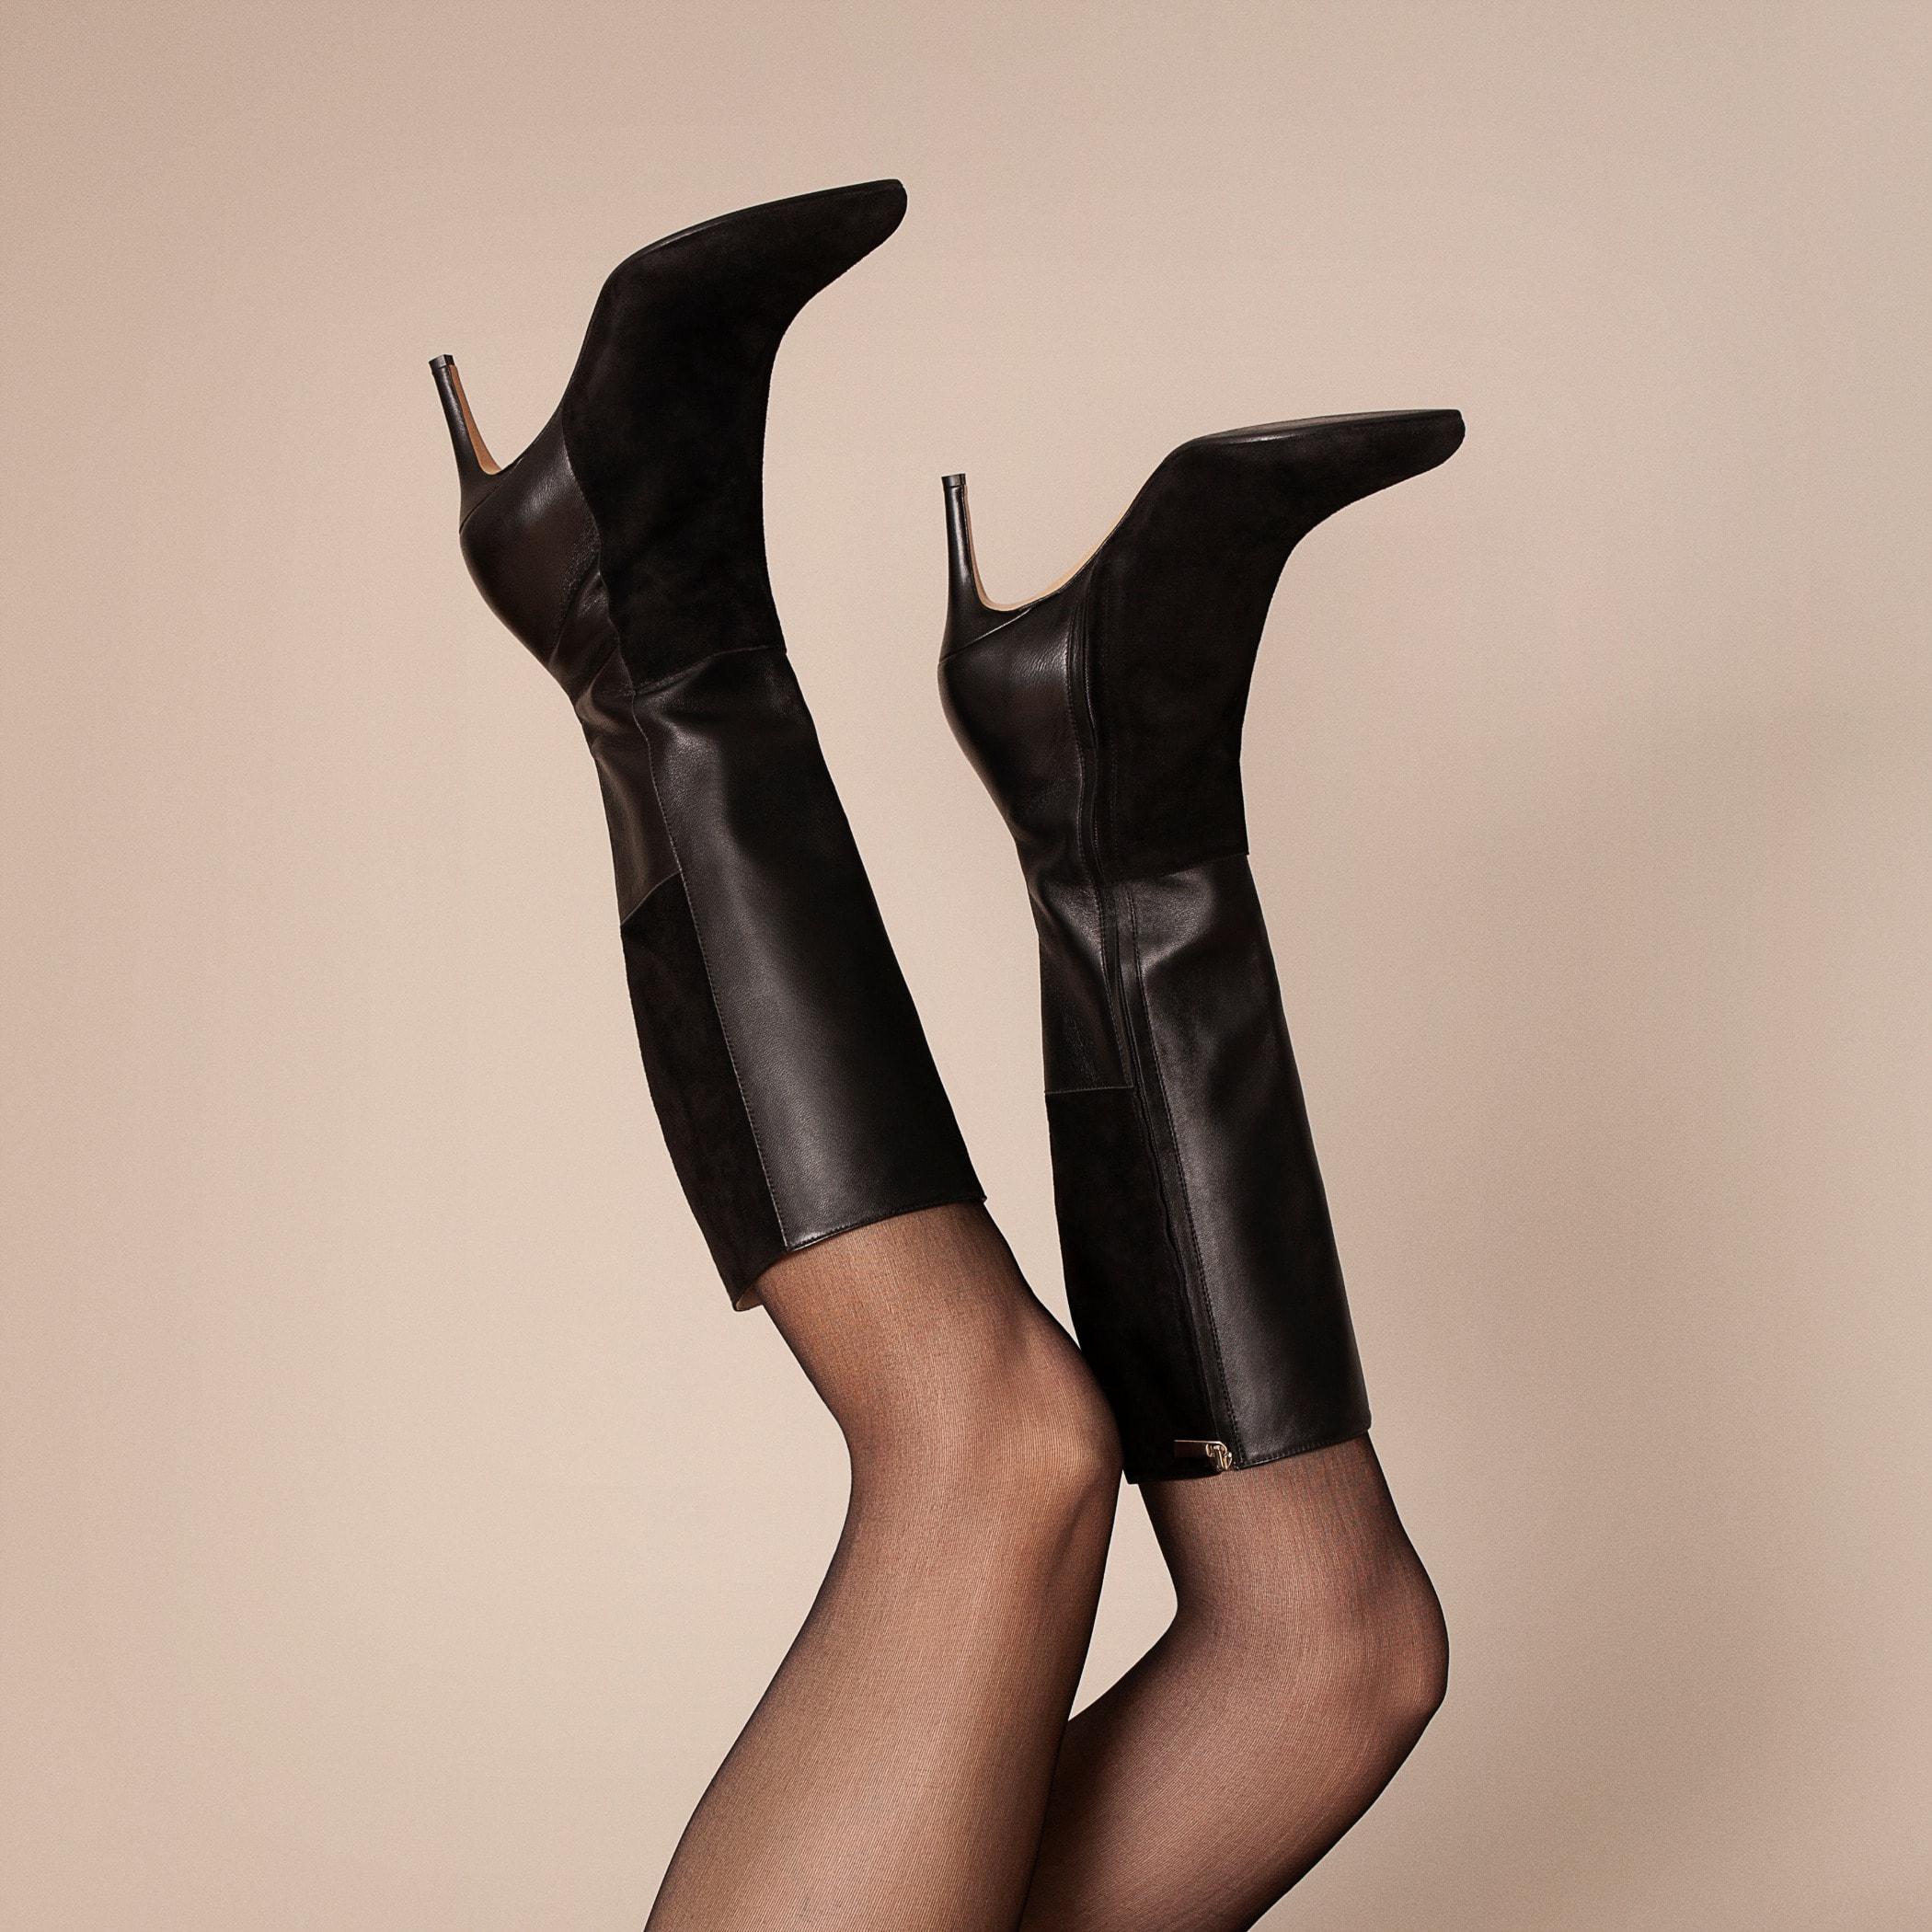 High heels, Footwear, Joint, Tights, Leg